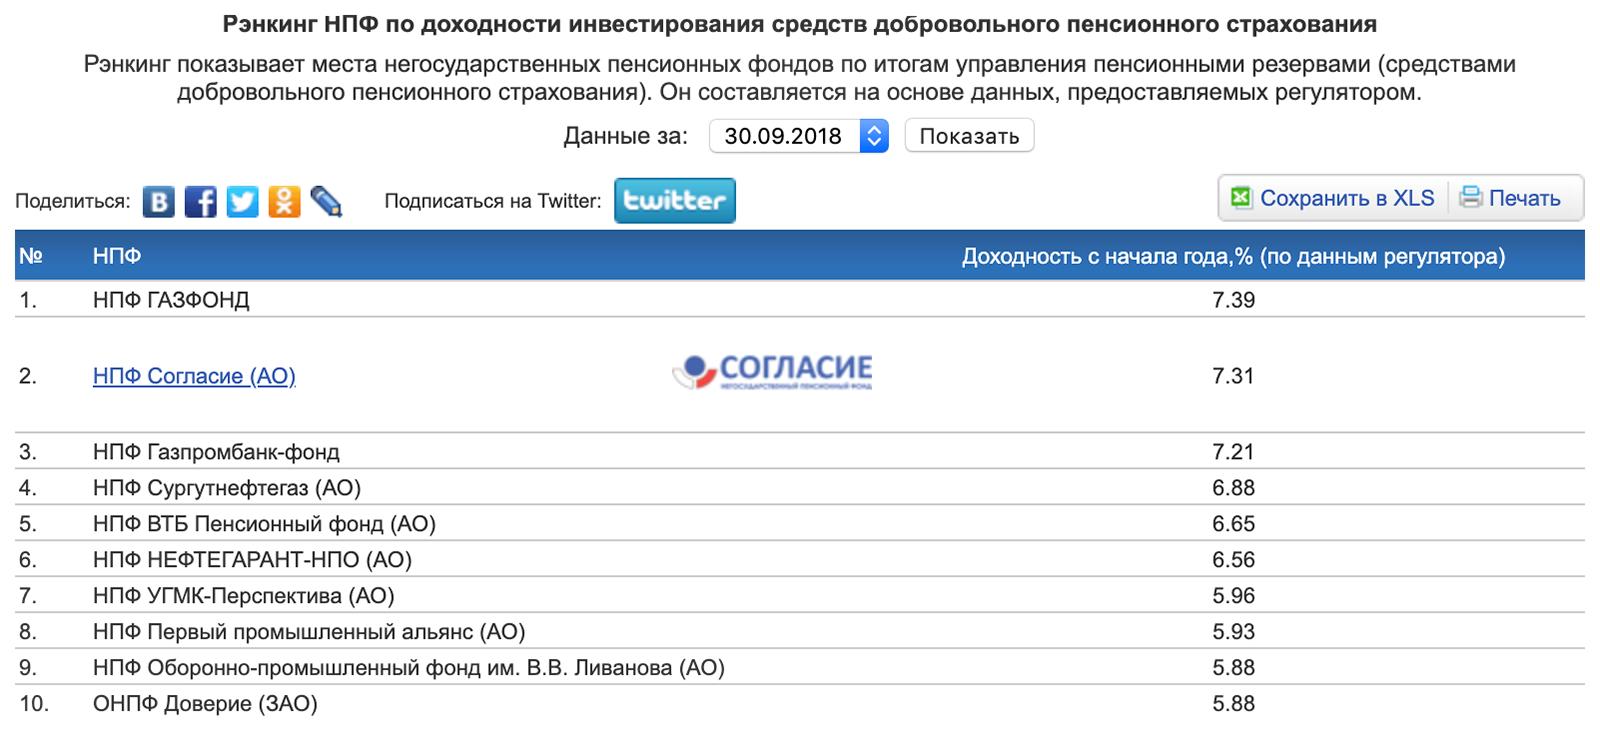 Топ-10 негосударственных пенсионных фондов по доходности программ НПО по итогам трех кварталов 2018 года